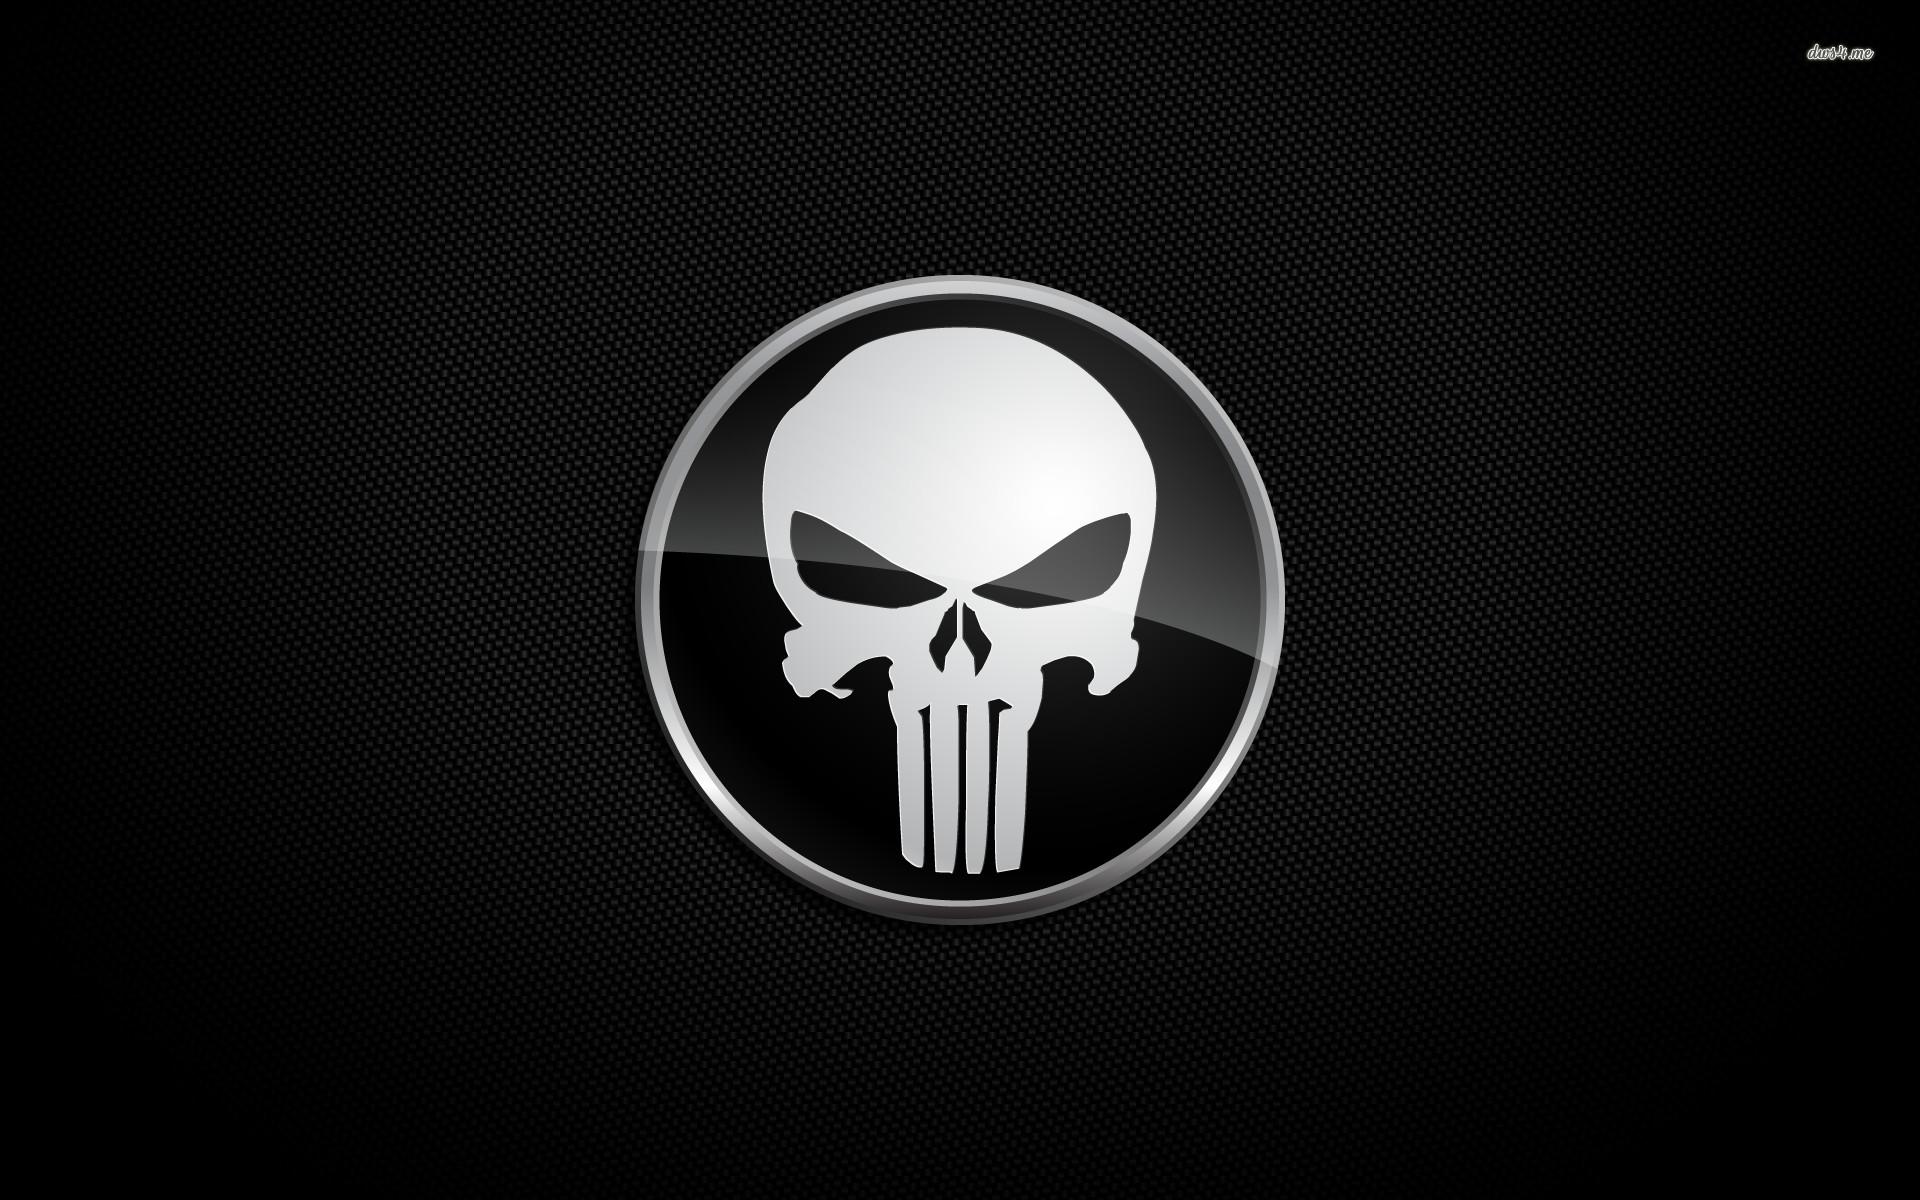 Cm Punk Logo Wallpaper 63 Images